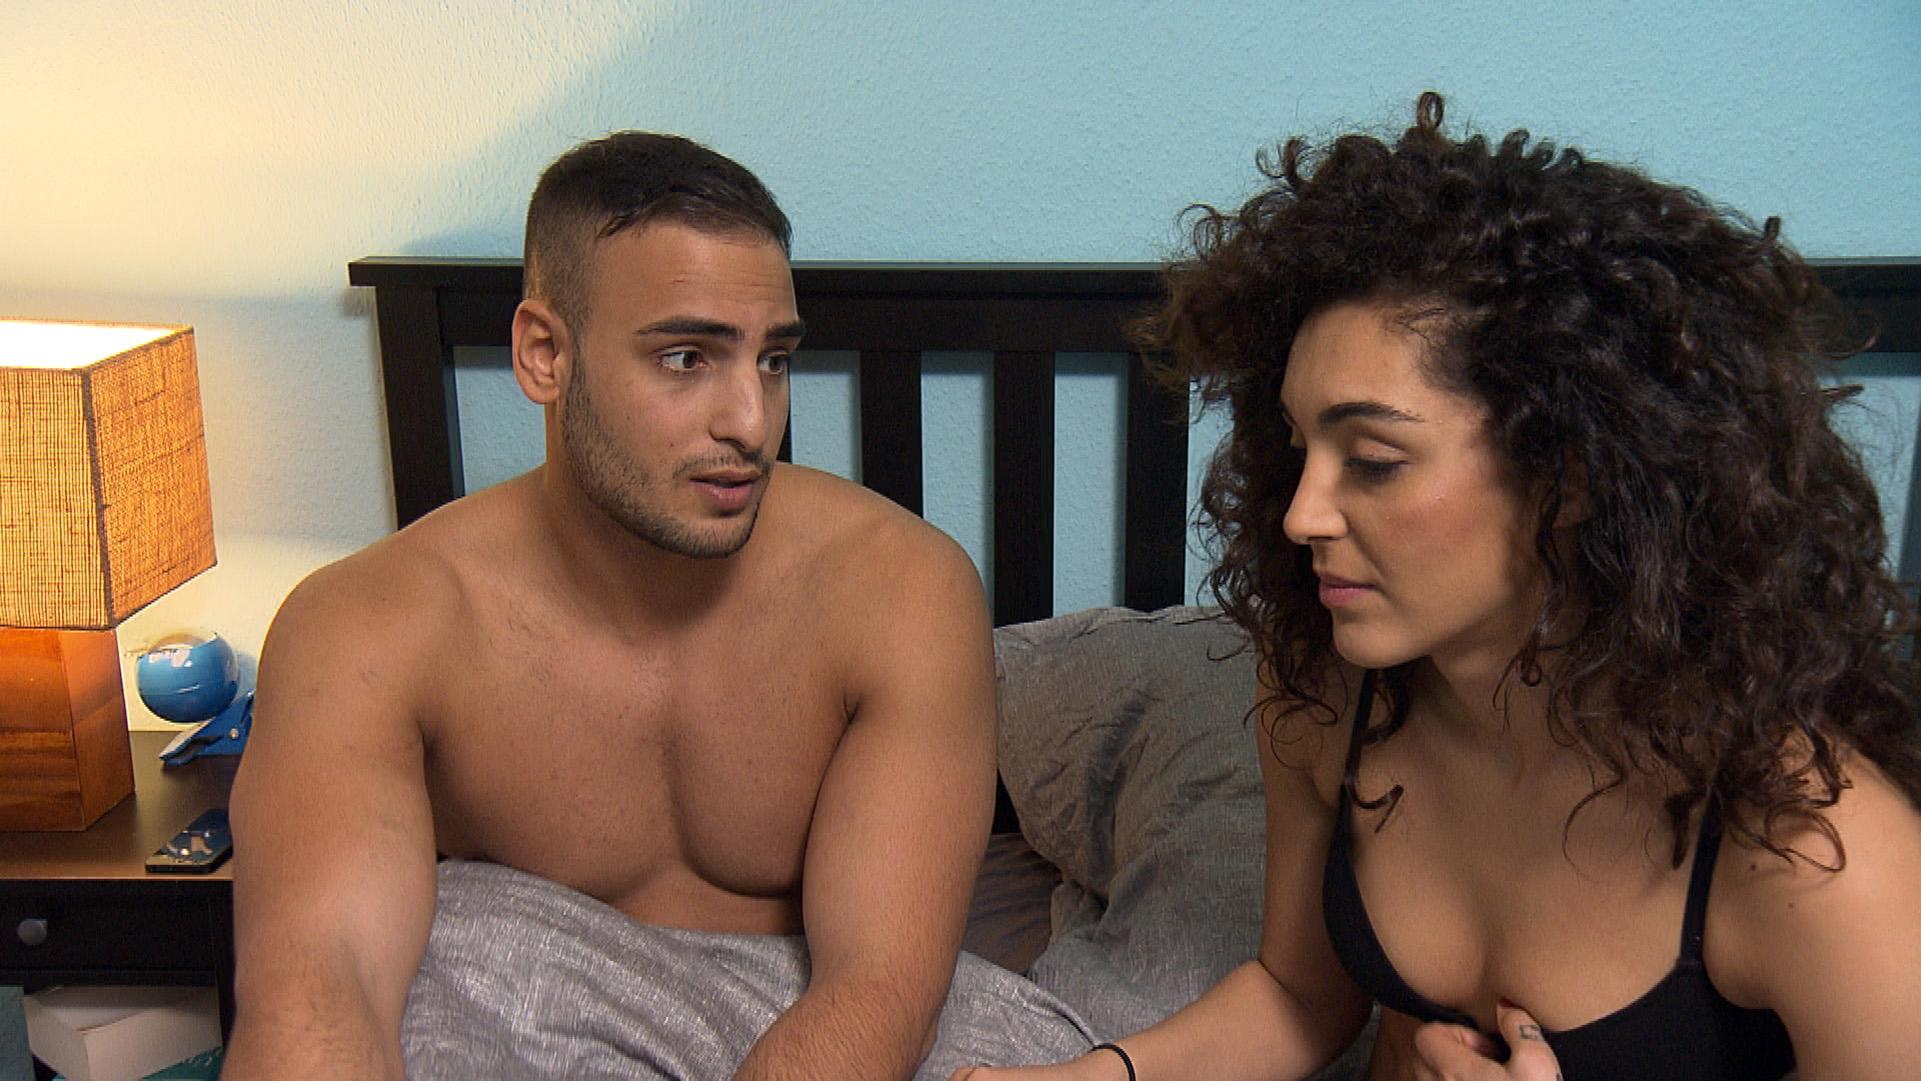 Joleen ist davon überzeugt, dass es Cem besser ginge, wenn er zu ihr in die WG ziehen würde. Doch darauf angesprochen reagiert Cem abweisend, da er seine Mutter nicht im Stich lassen will.. (Quelle: RTL 2)